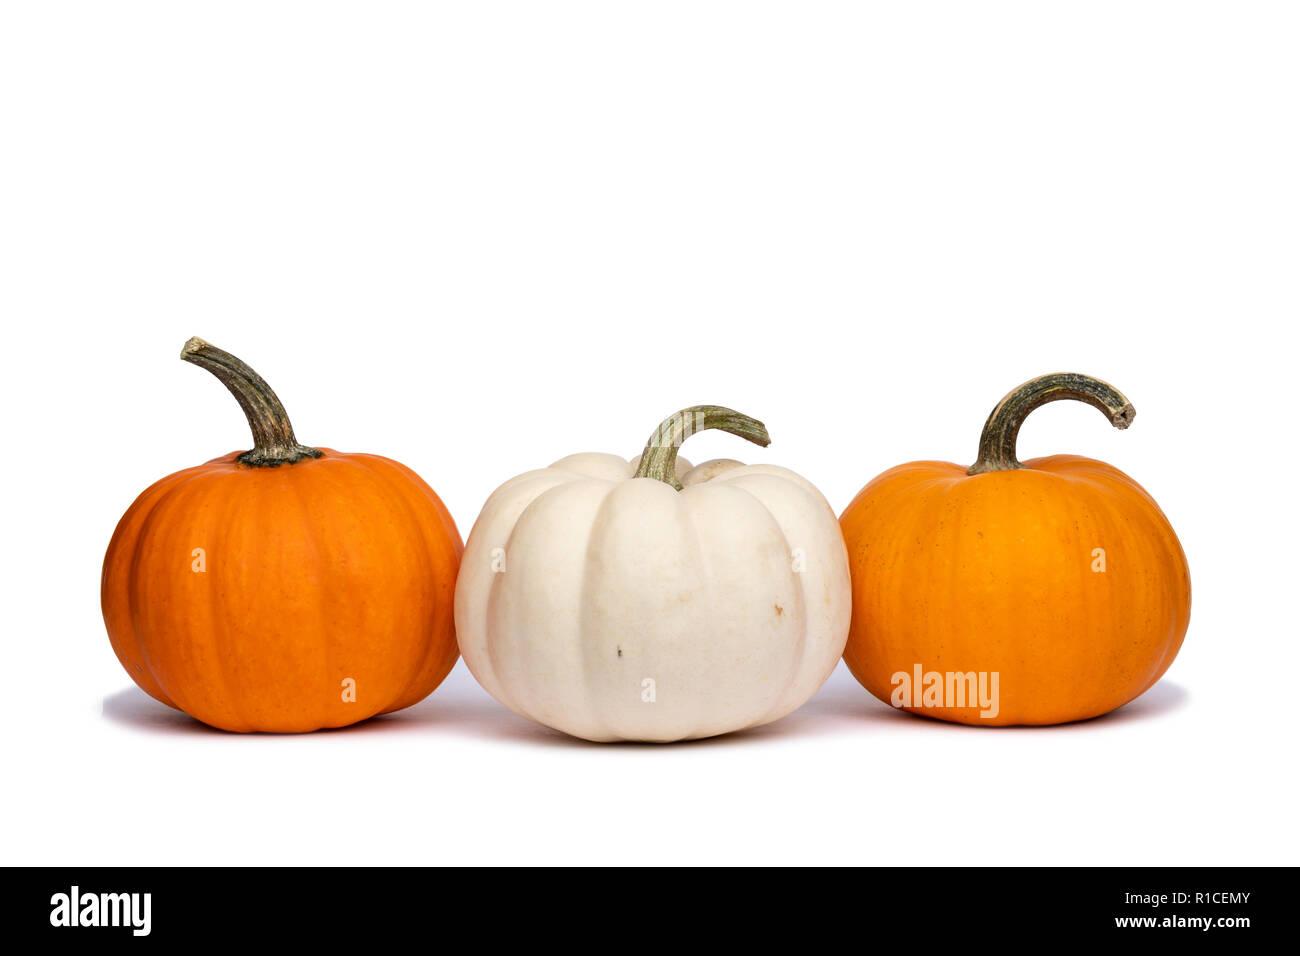 Drei Mini Kürbisse Ein Weißer Kürbis Zwischen Zwei Orange Kürbisse